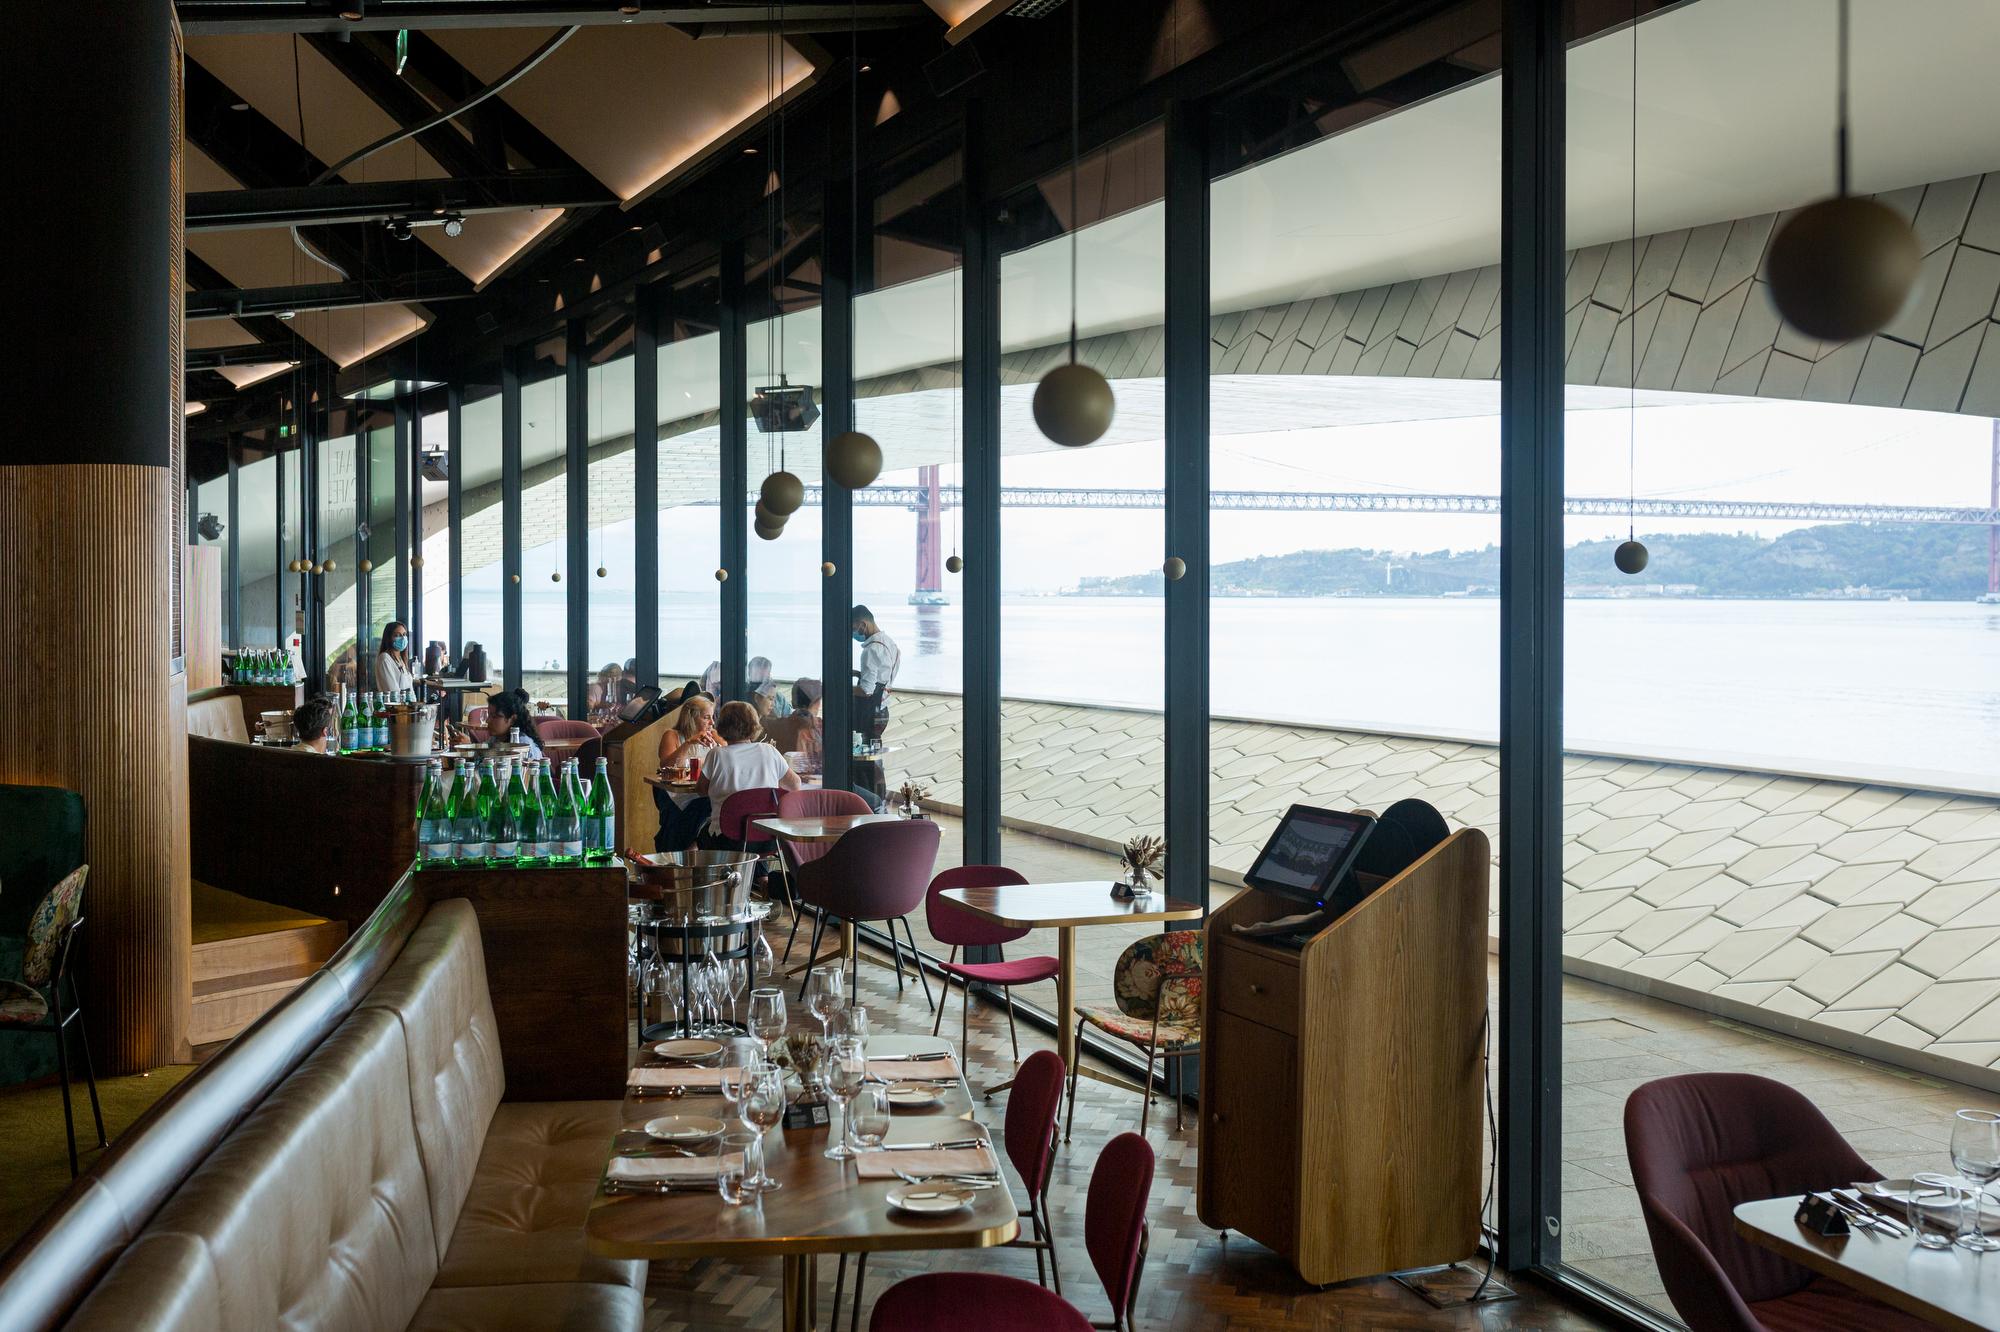 Dentro do maat, nasceu um restaurante virado para o Tejo e para o Mediterrâneo